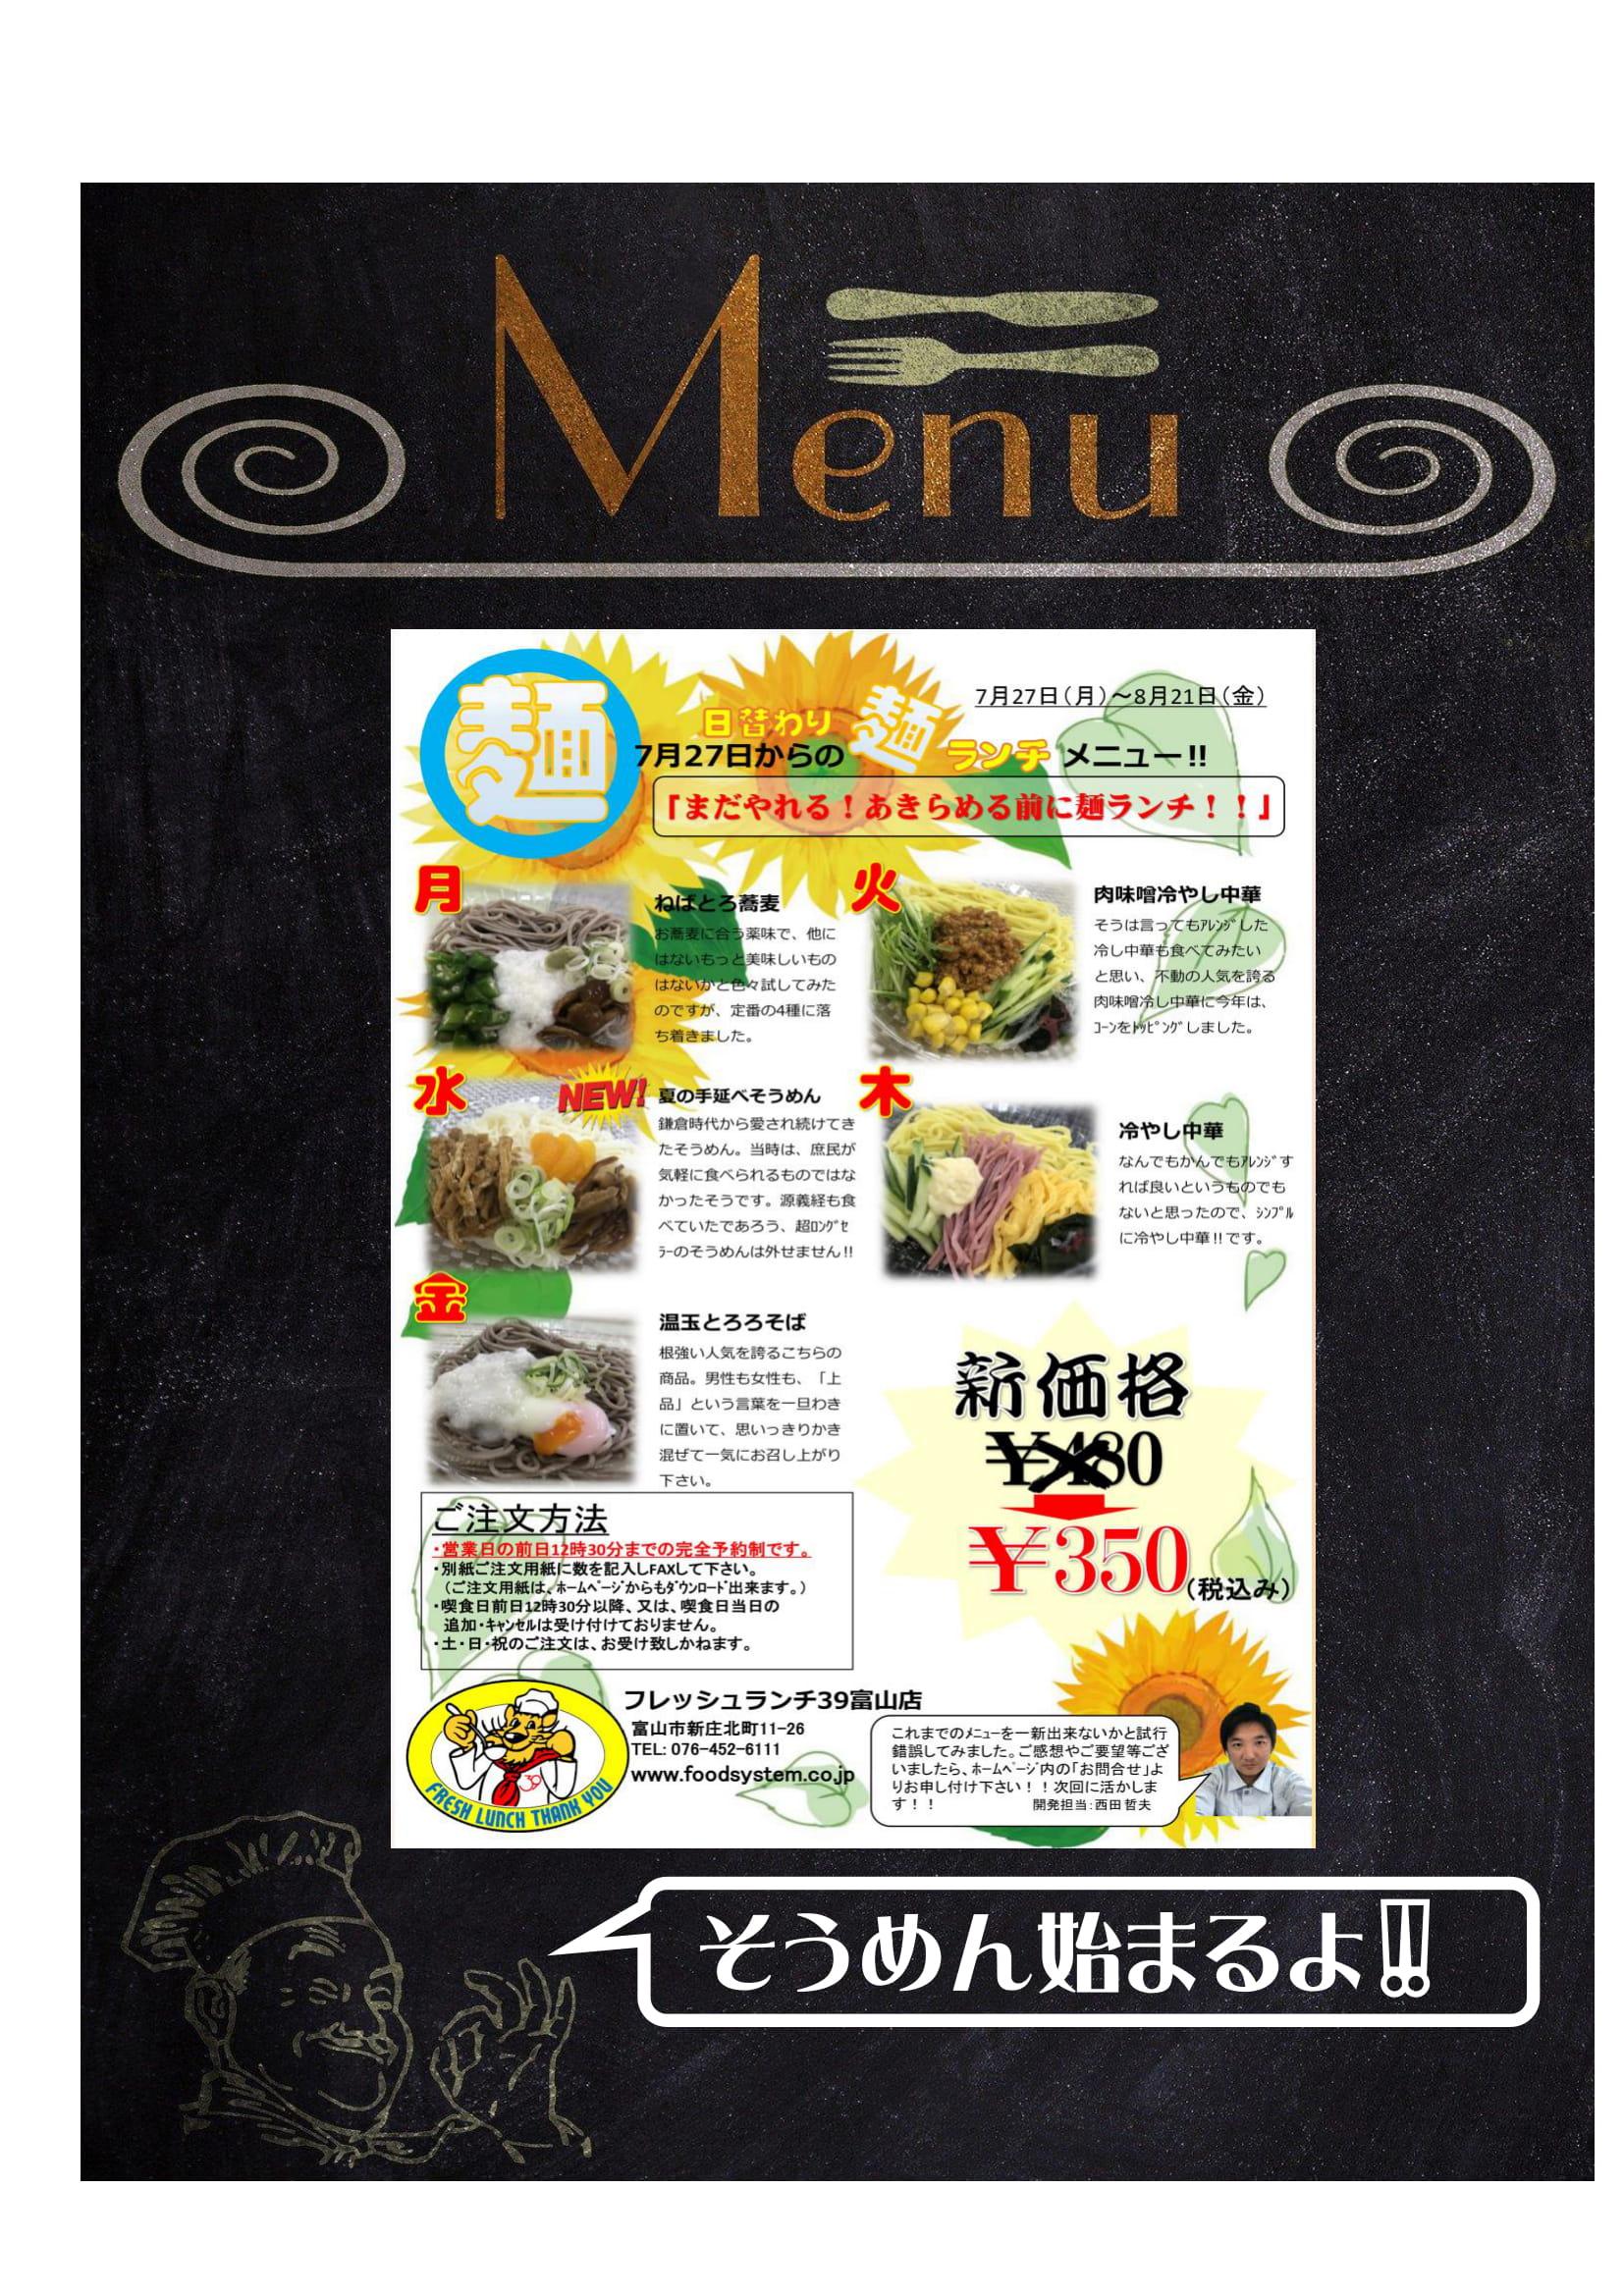 『そうめん始まりま~す!!』7/27(月)~の麺ランチメニュー